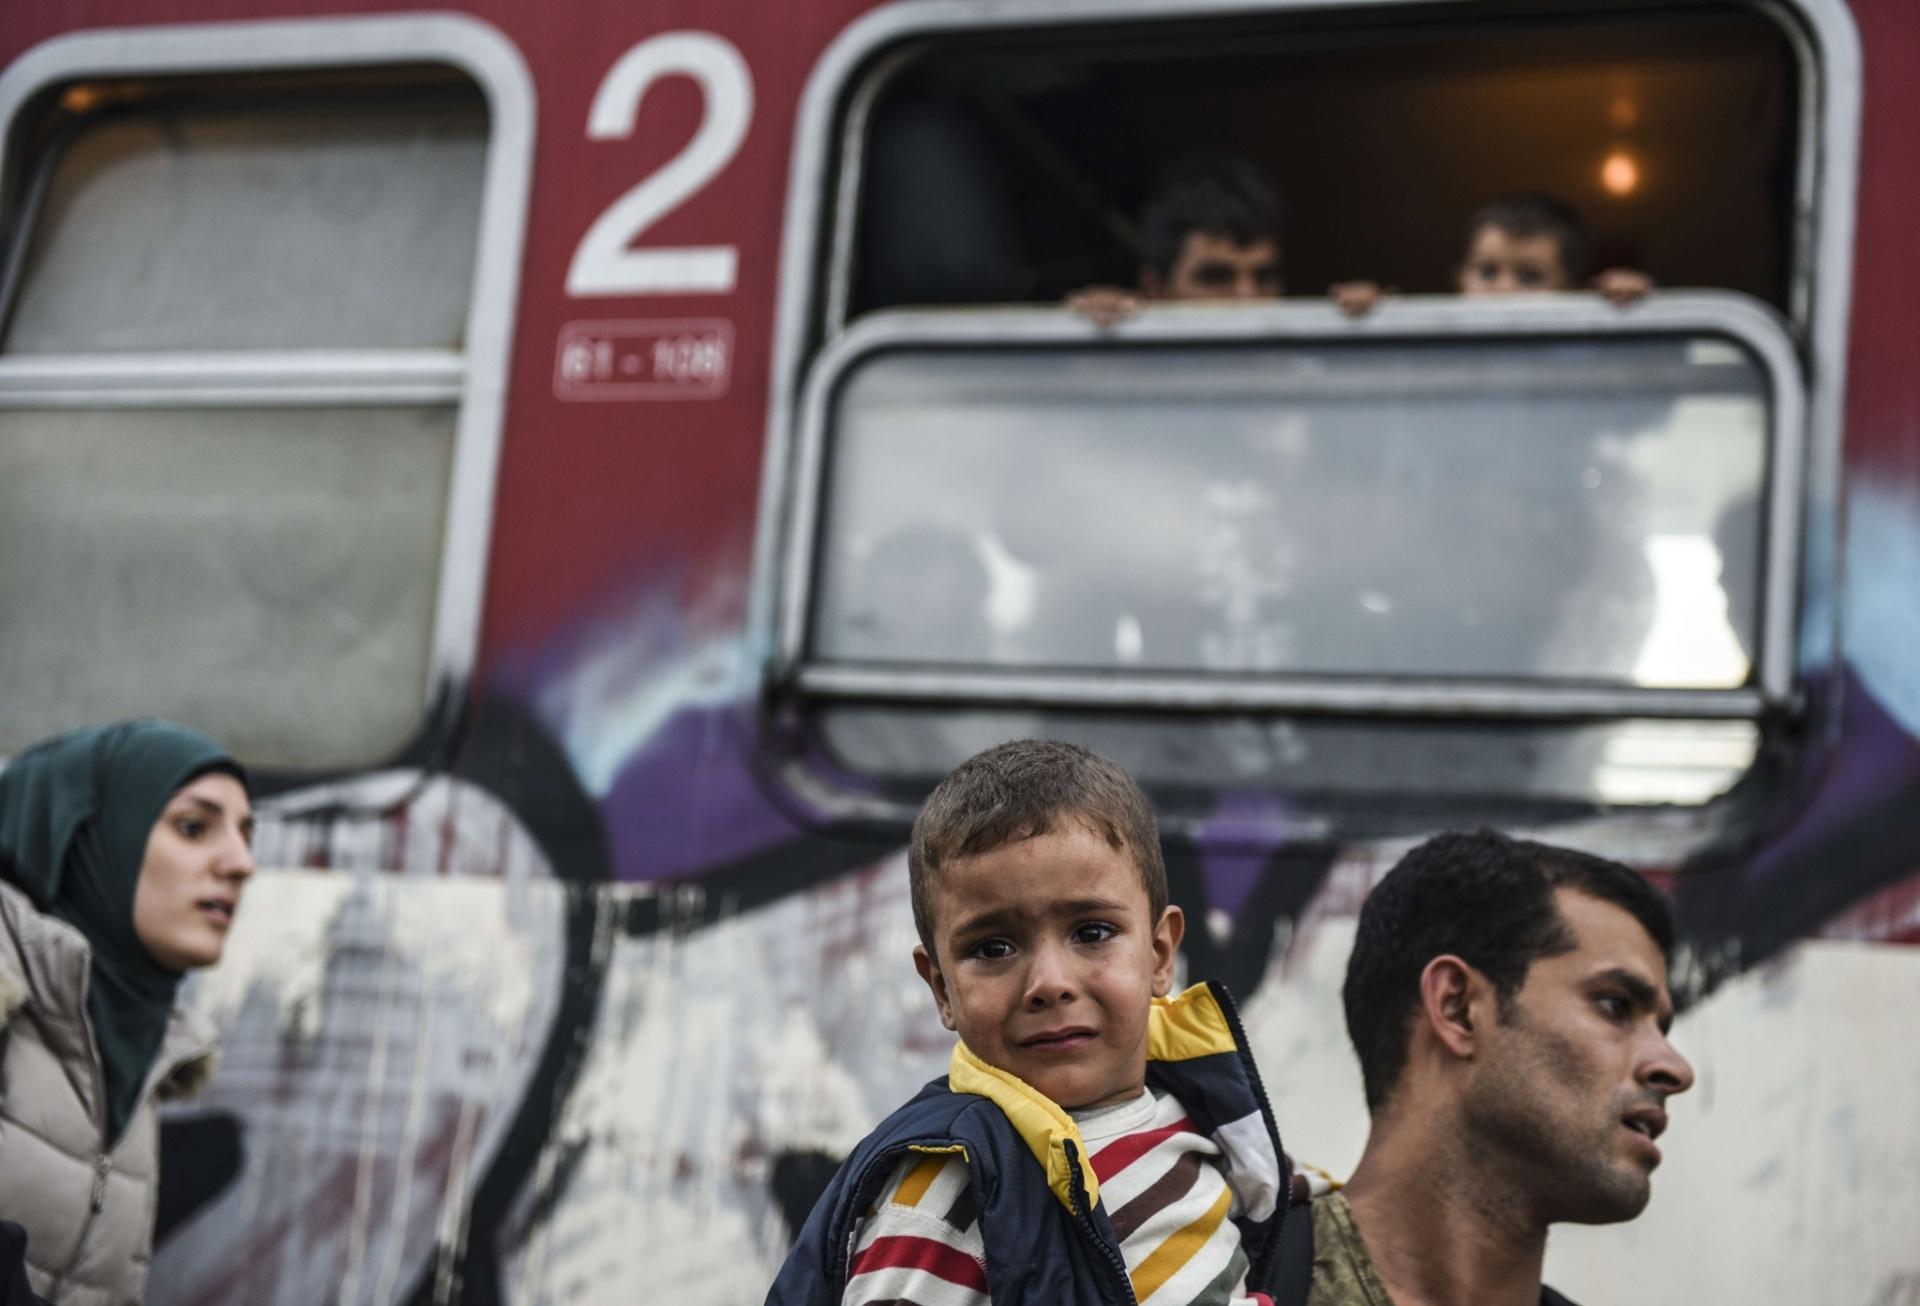 25.set.2015 - Refugiado carrega criança nos braços observados por pessoas a bordo de um trem de passageiros para imigrantes e refugiados partindo da Macedônia em direção à Sérvia, nesta sexta-feira (25). Os líderes da União Europeia realizaram na última quarta uma reunião de emergência para discutir a crise de imigração no continente, levando a um acordo para realocar 120.000 refugiados entre os países membros da UE (União Europeia)